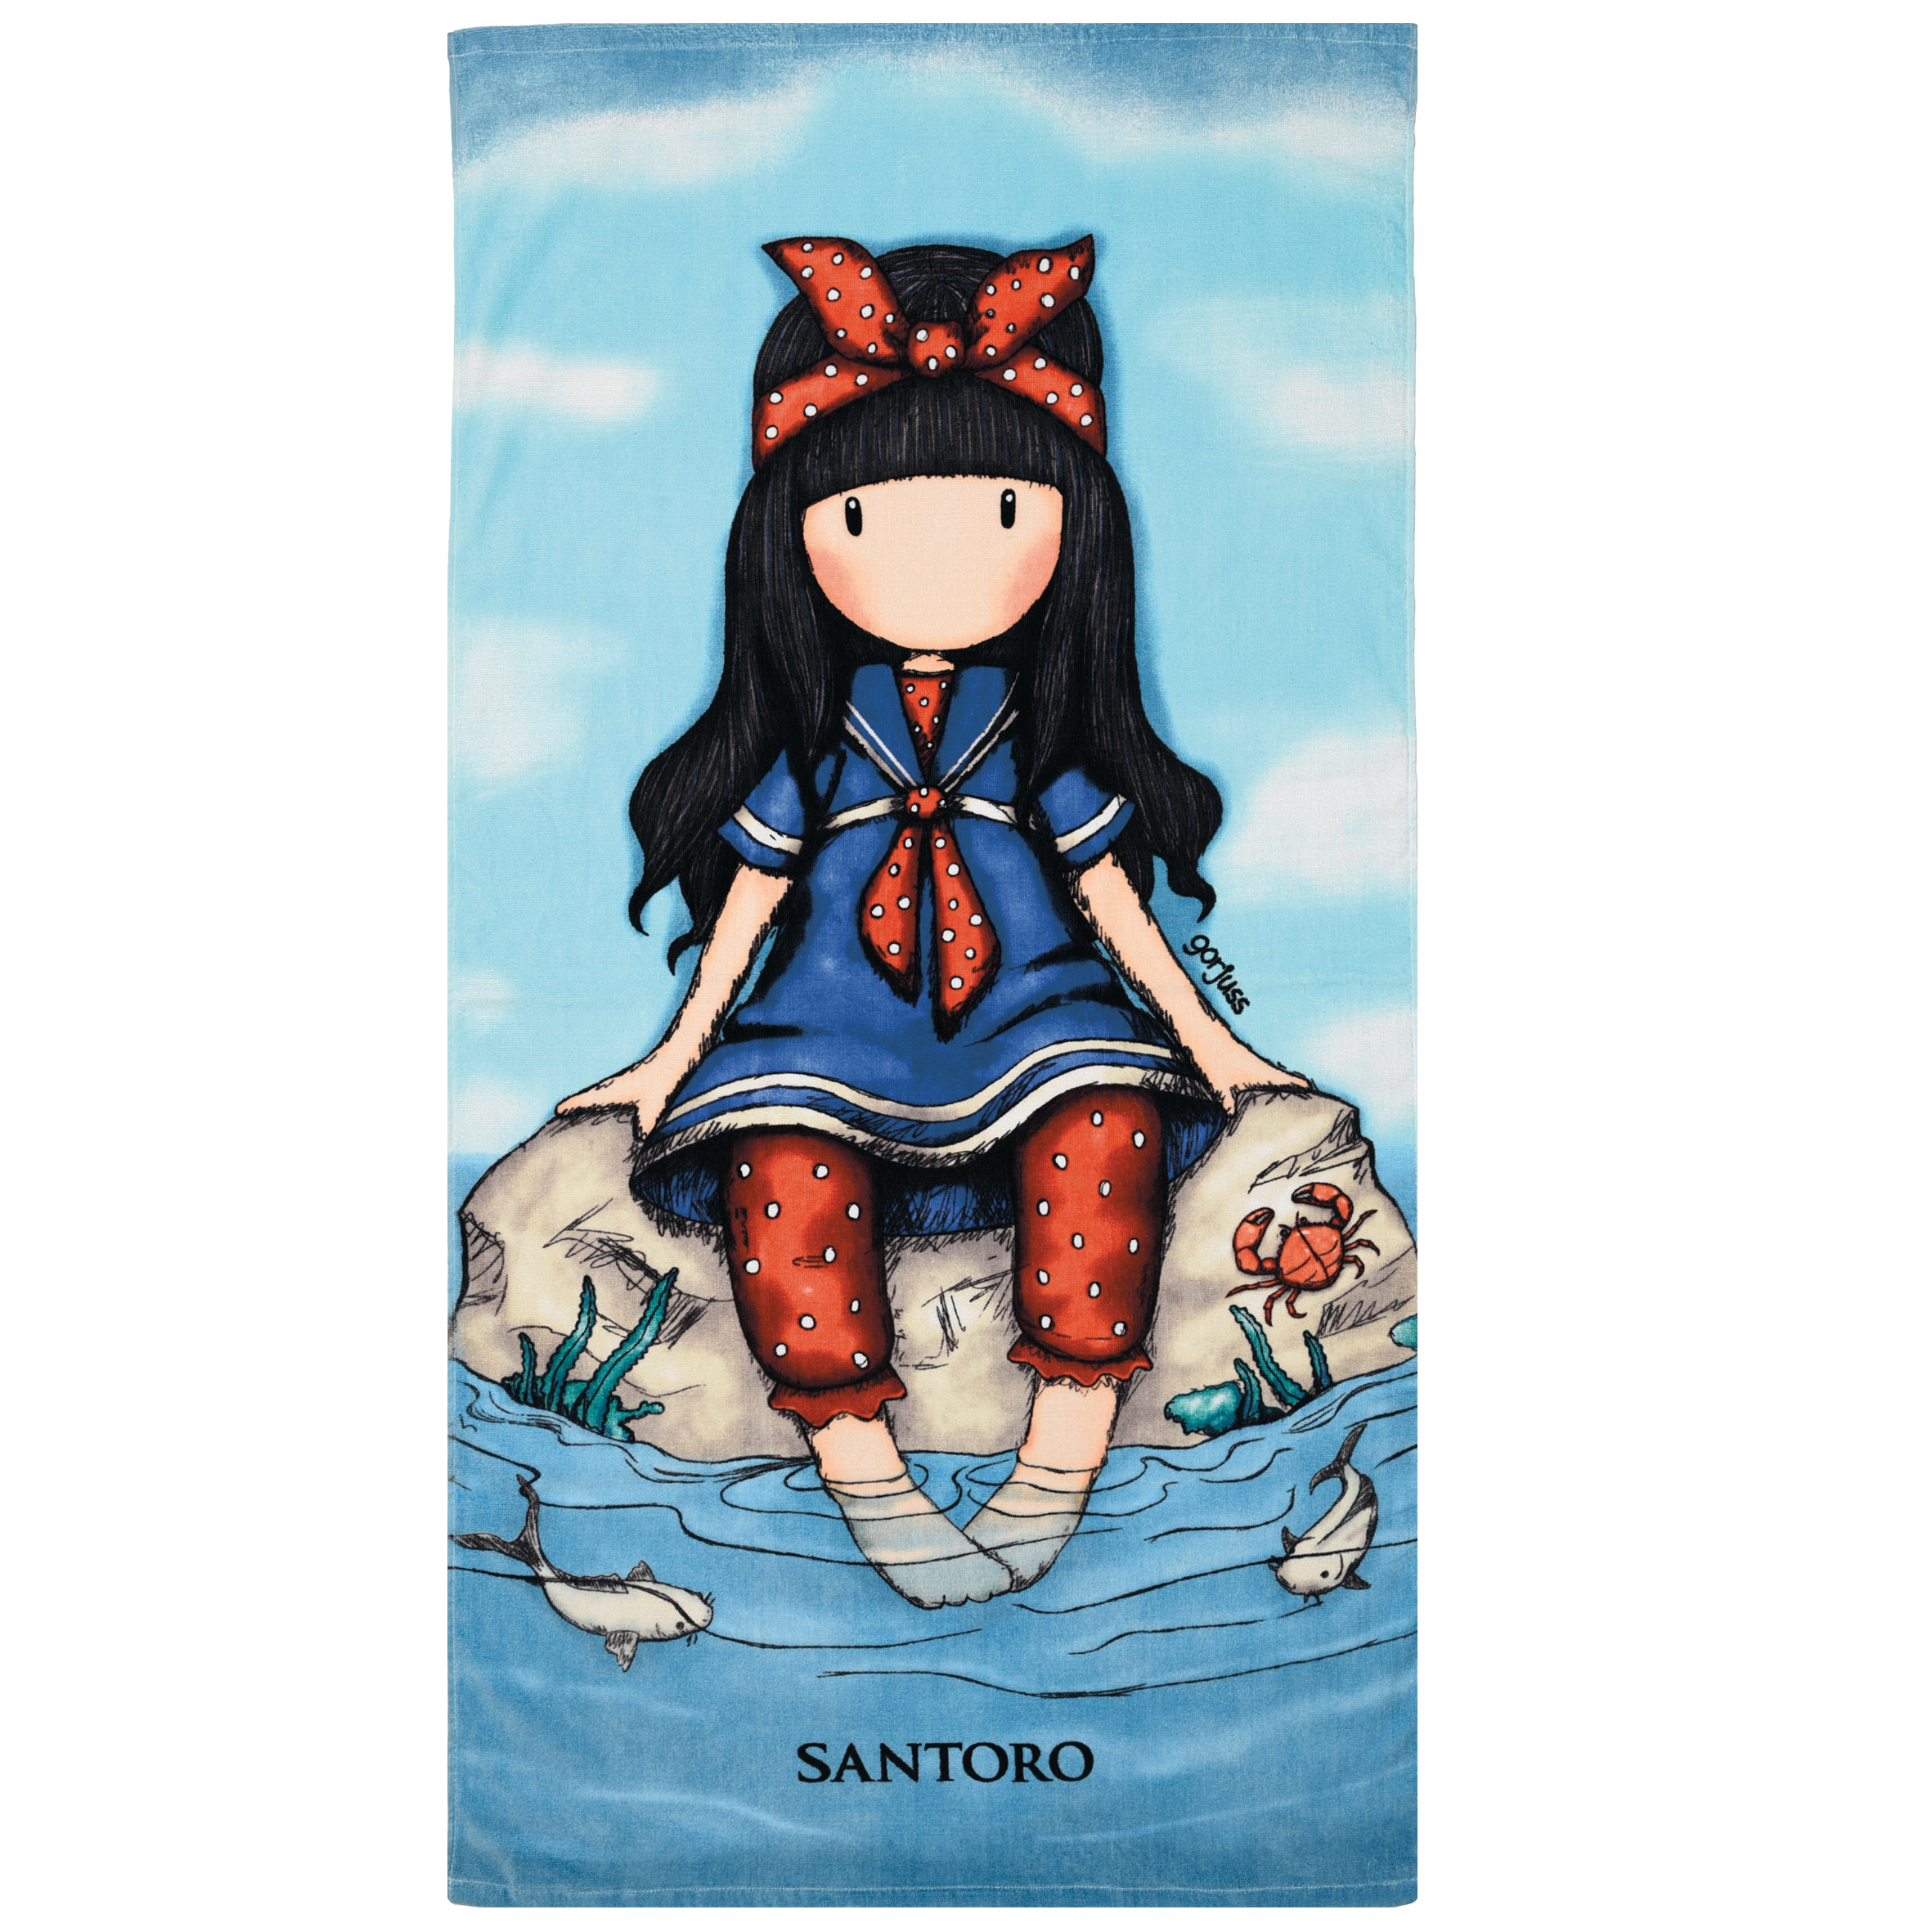 Πετσέτα θαλάσσης παιδική 5807 GORJUSS, DAS HOME εποχιακα ειδη   πετσέτες θαλάσσης   πετσέτες θαλάσσης παιδικές